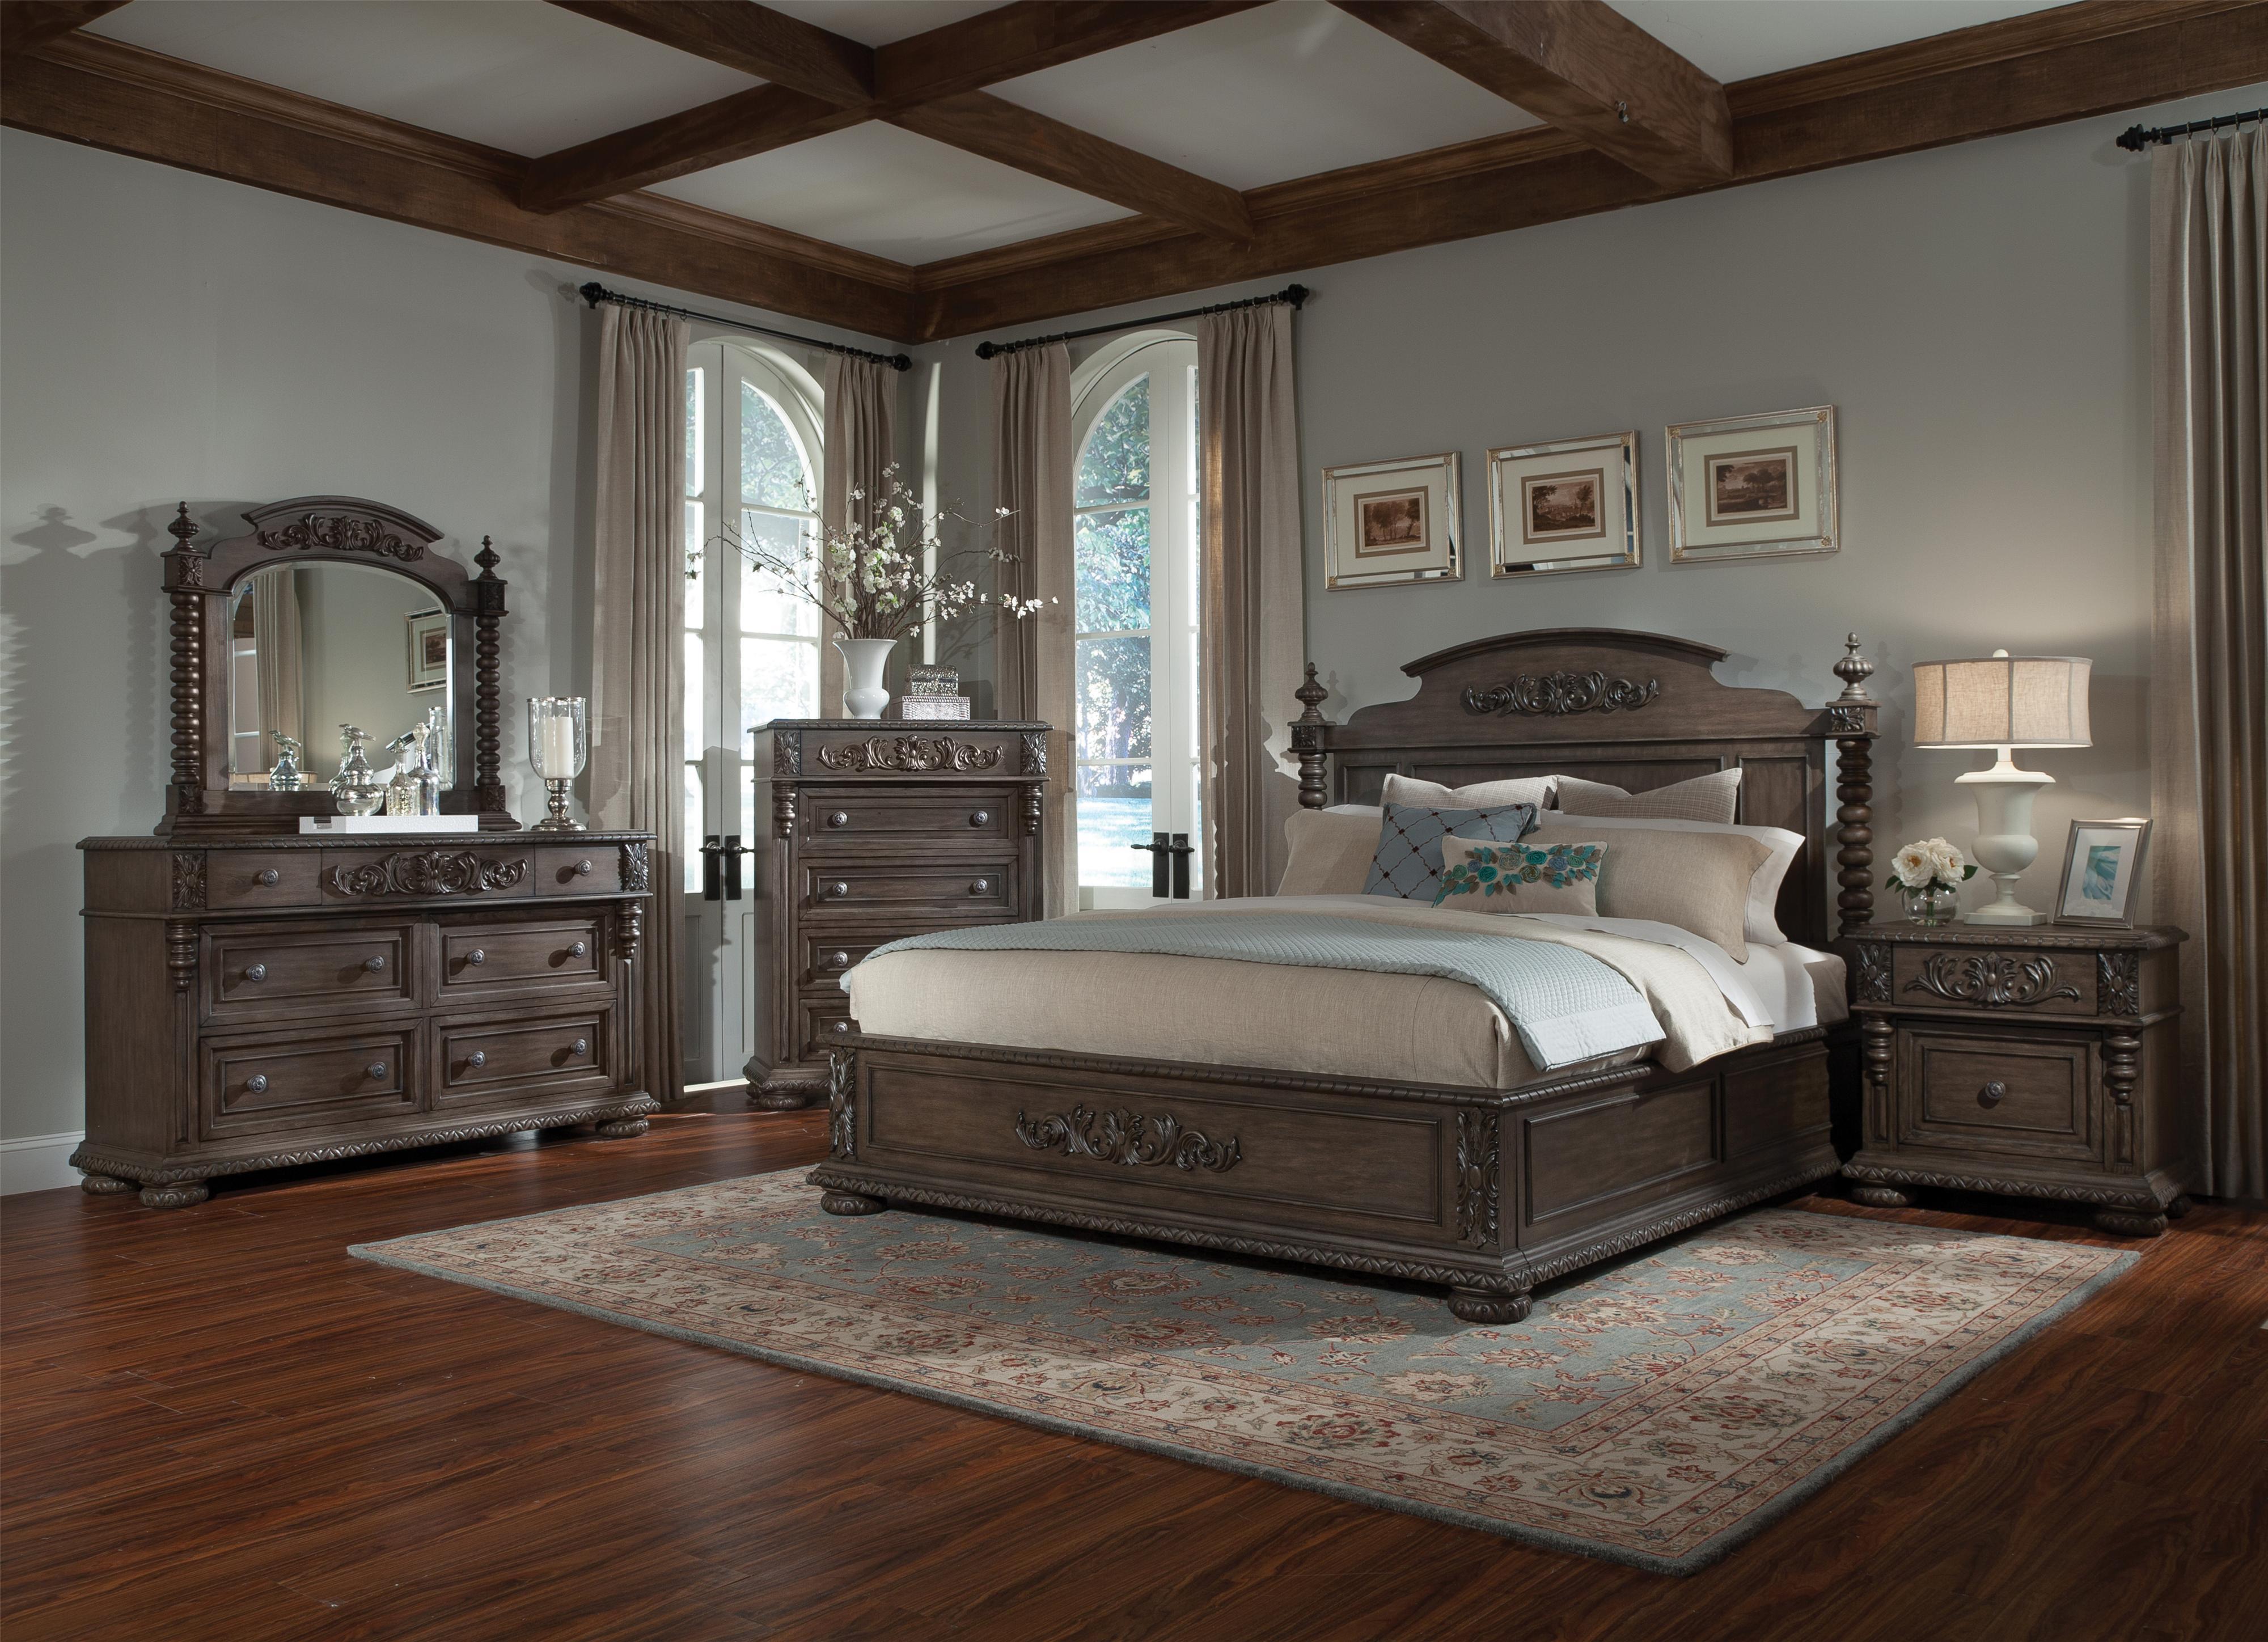 versailles queen bedroom group item number 980 q bedroom group 1